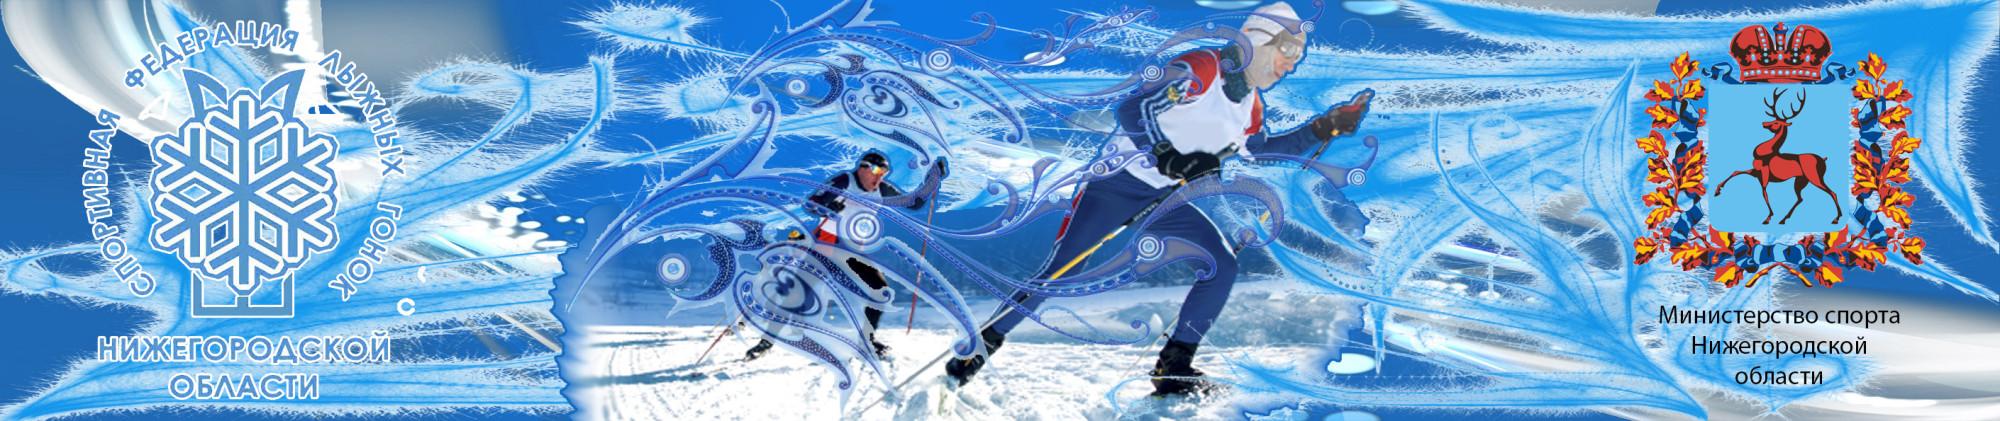 Федерация лыжных гонок НО 52rus